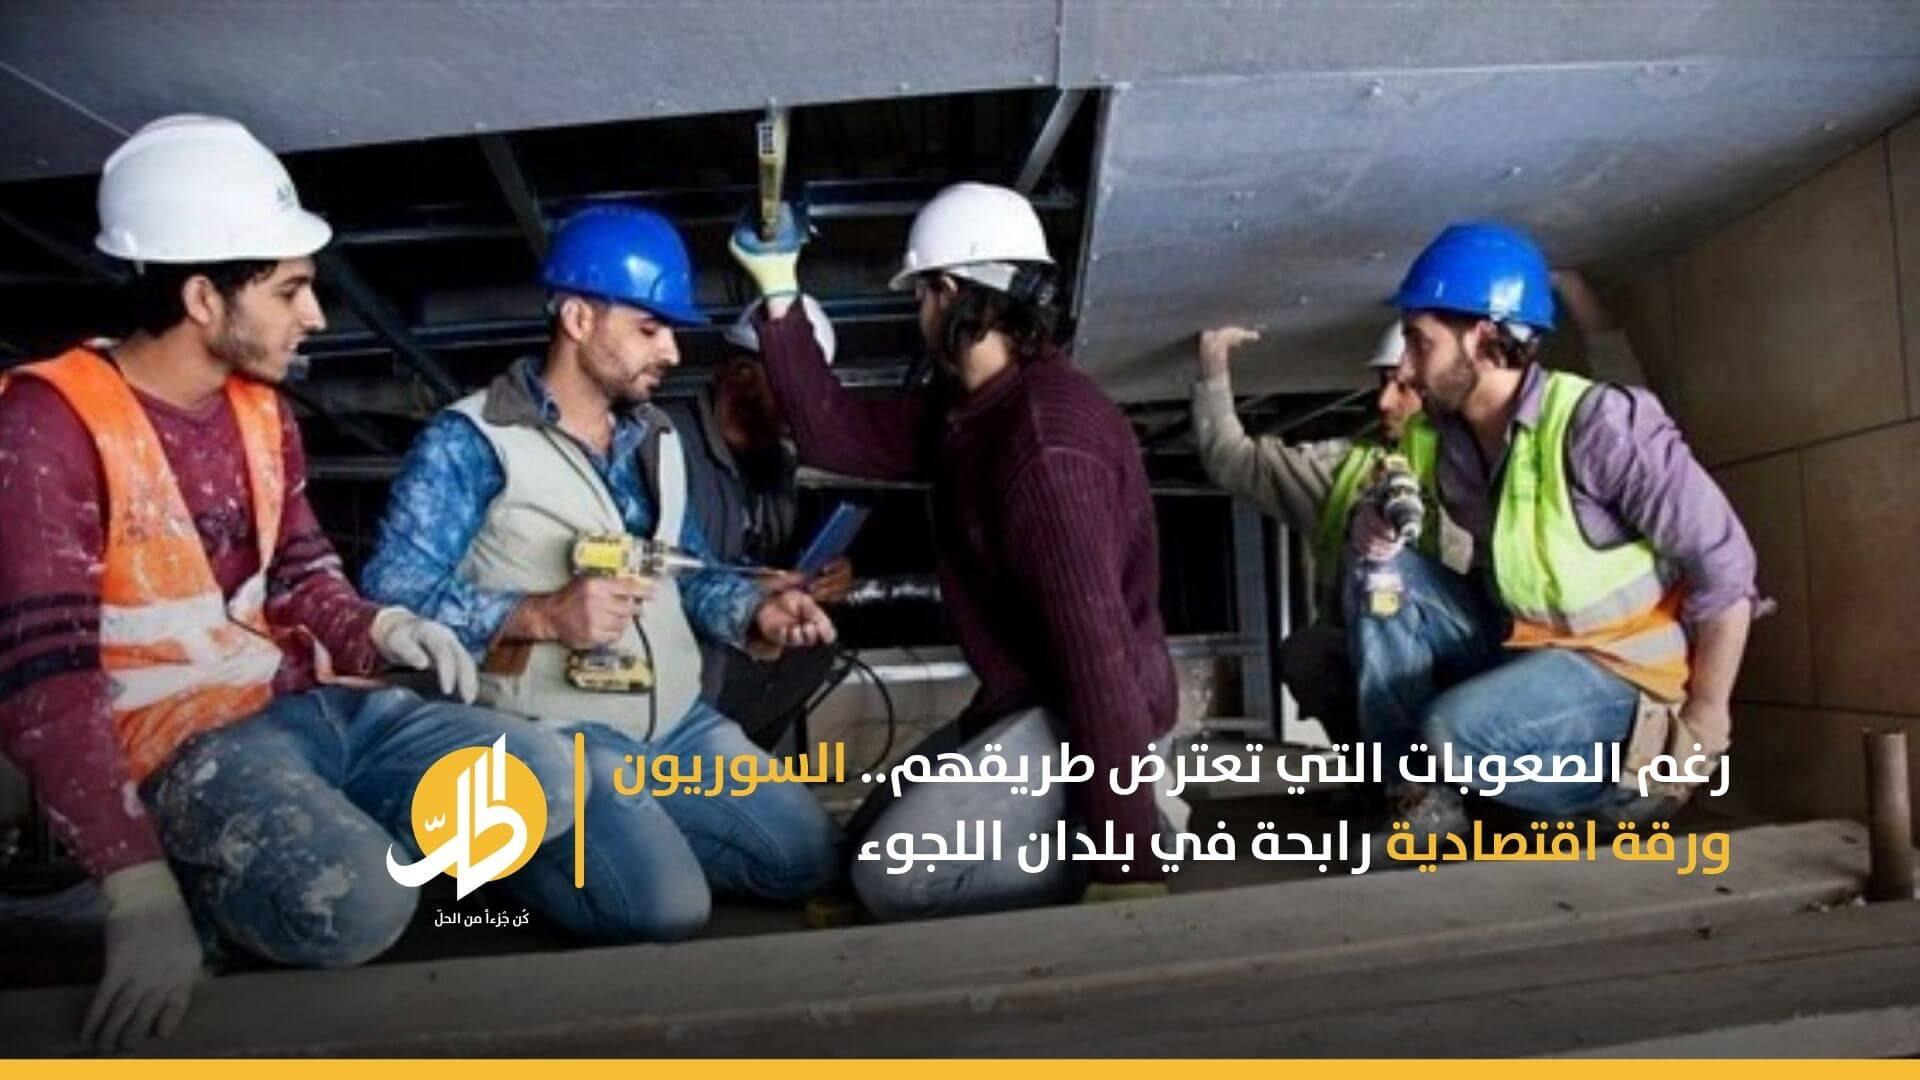 رغم الصعوبات التي تعترض طريقهم.. السوريون ورقة اقتصادية رابحة في بلدان اللجوء